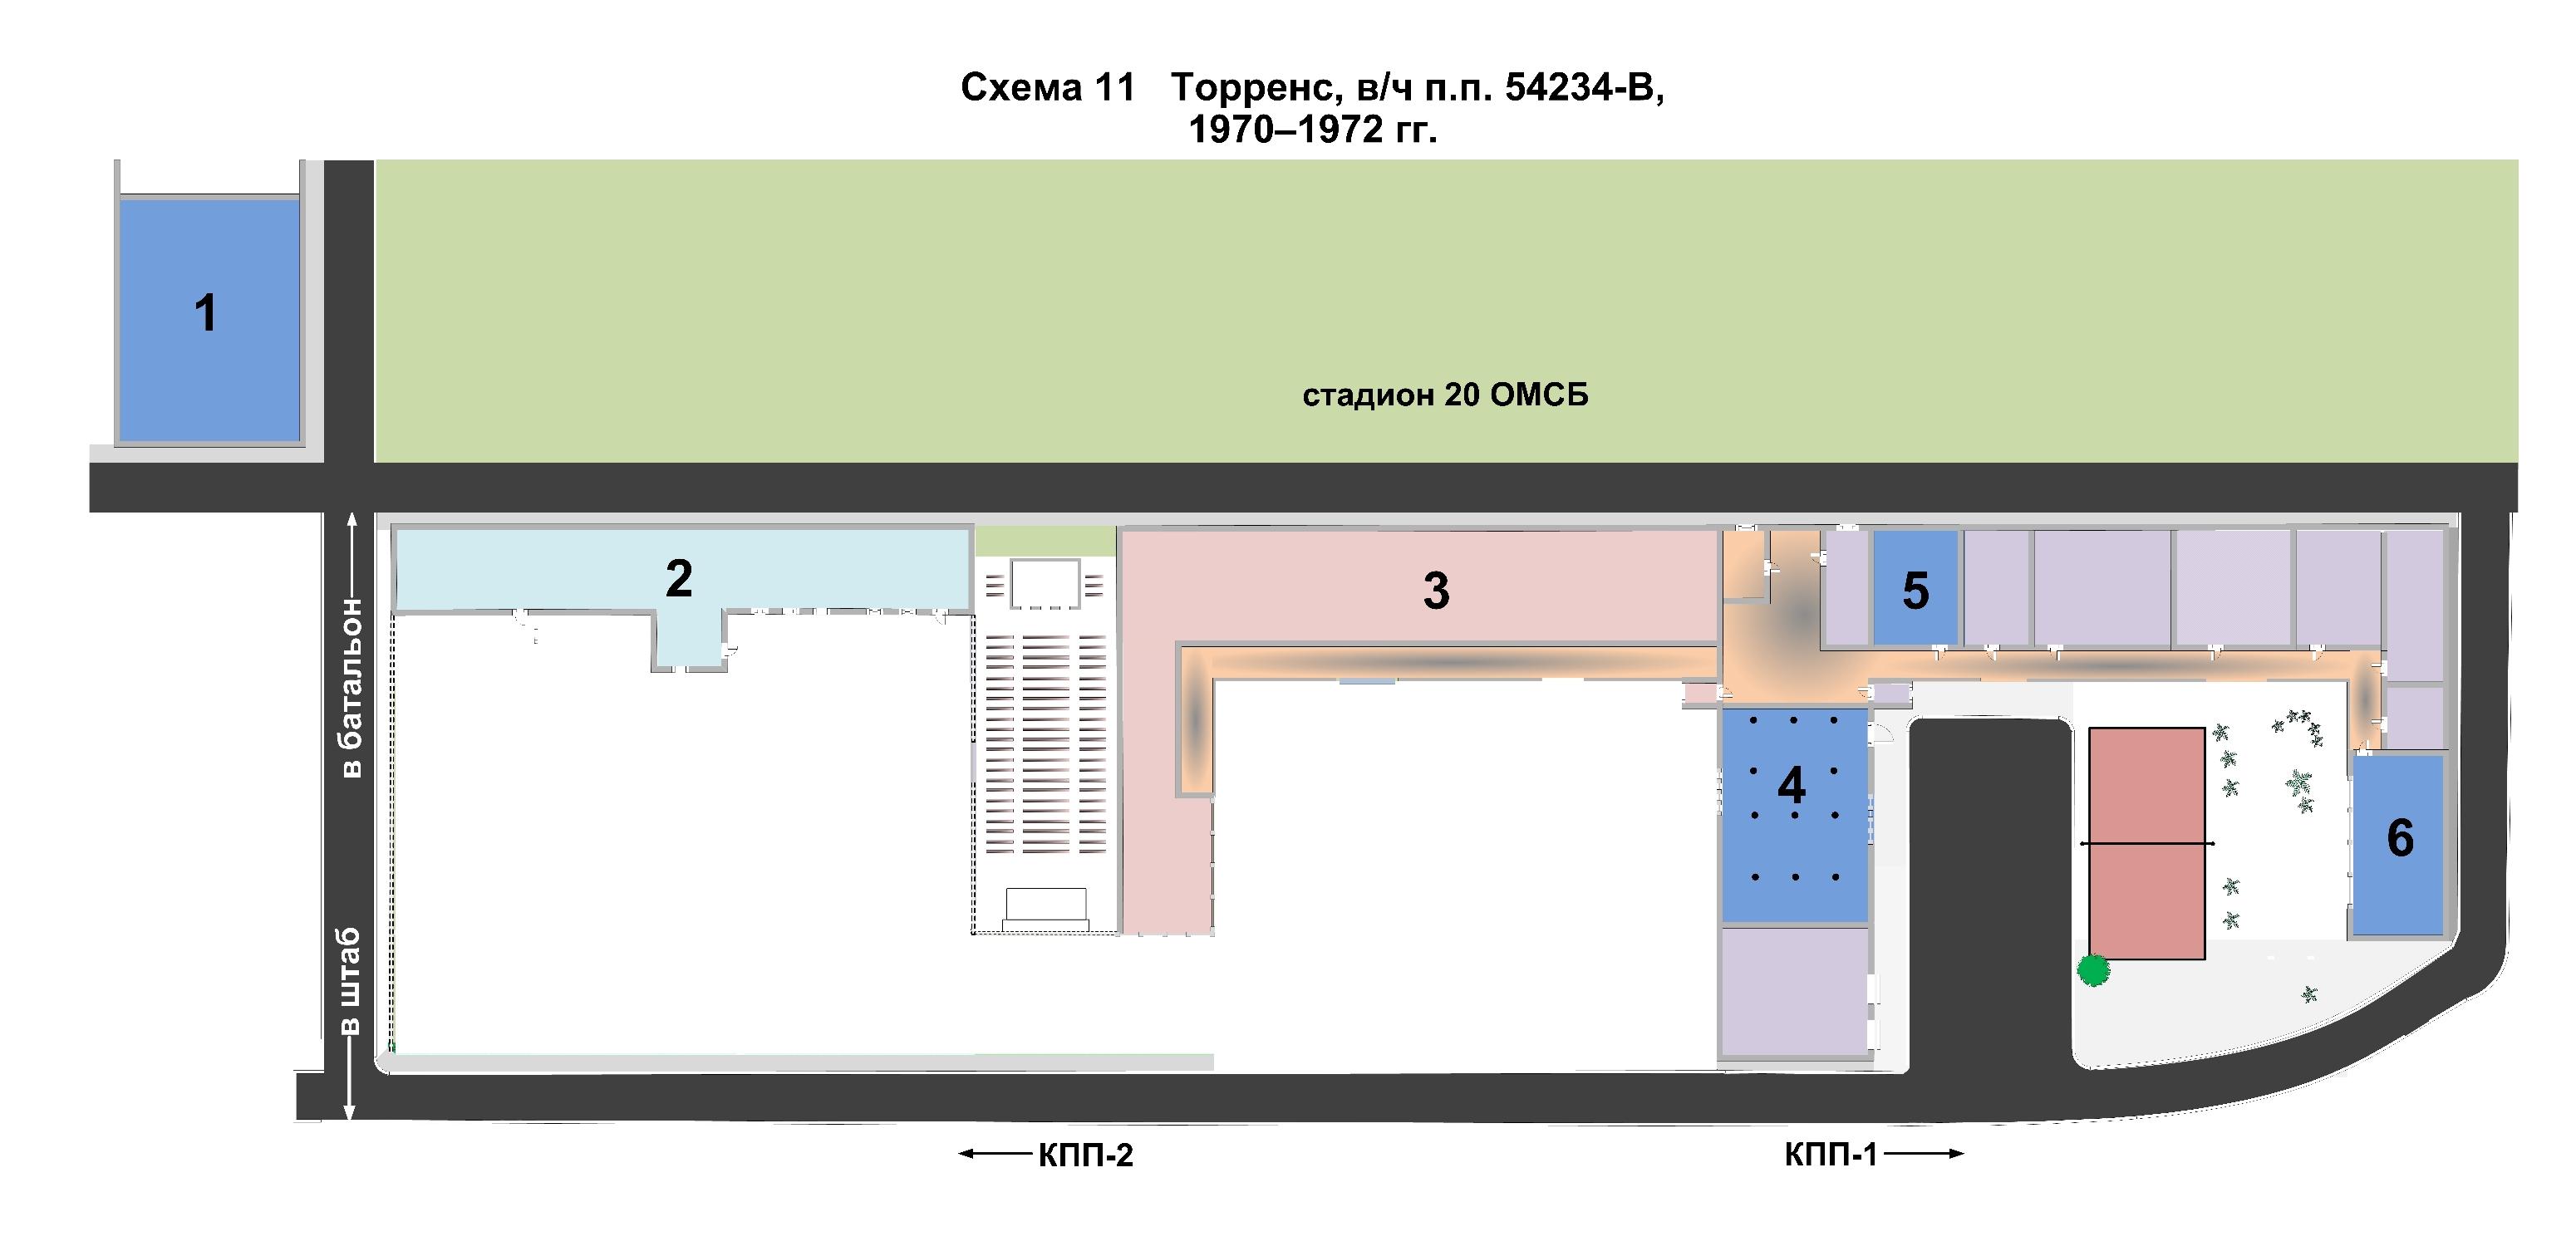 В/ч п.п. 54234-В. Образование роты, ее статус до 1978 года